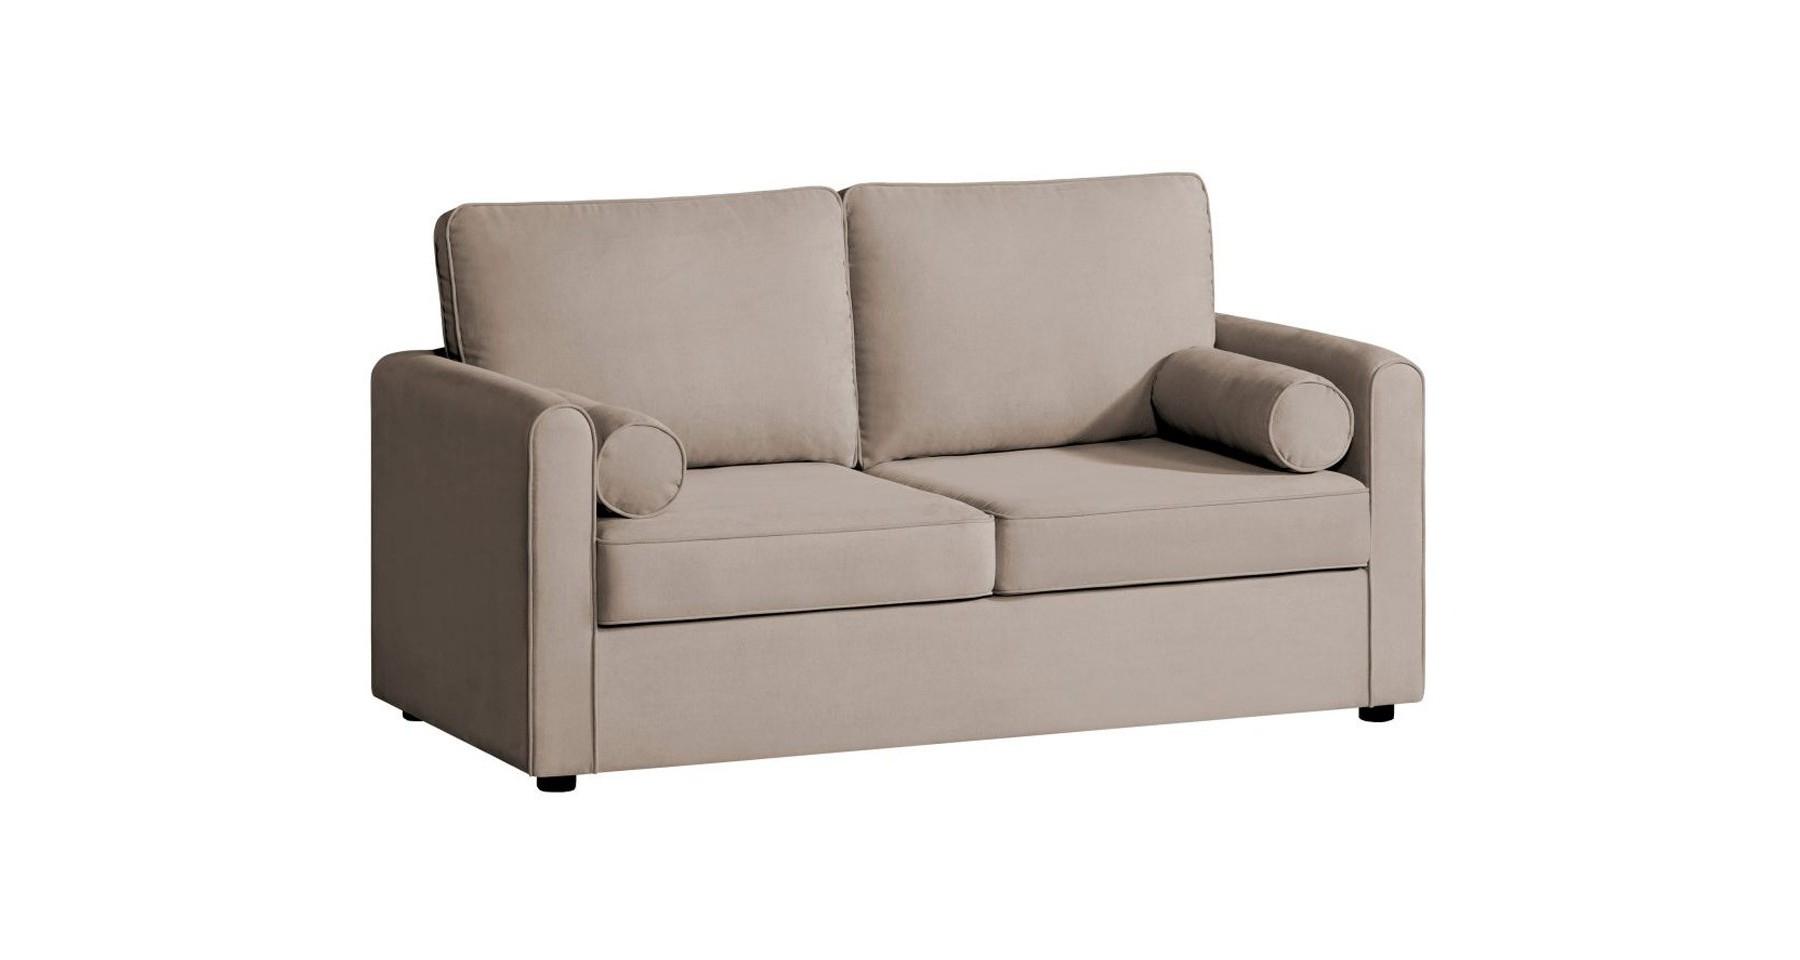 Canapé Compact Pour Jeune Habitat Piccolo Home Spirit intérieur Canapé Nomad Home Spirit